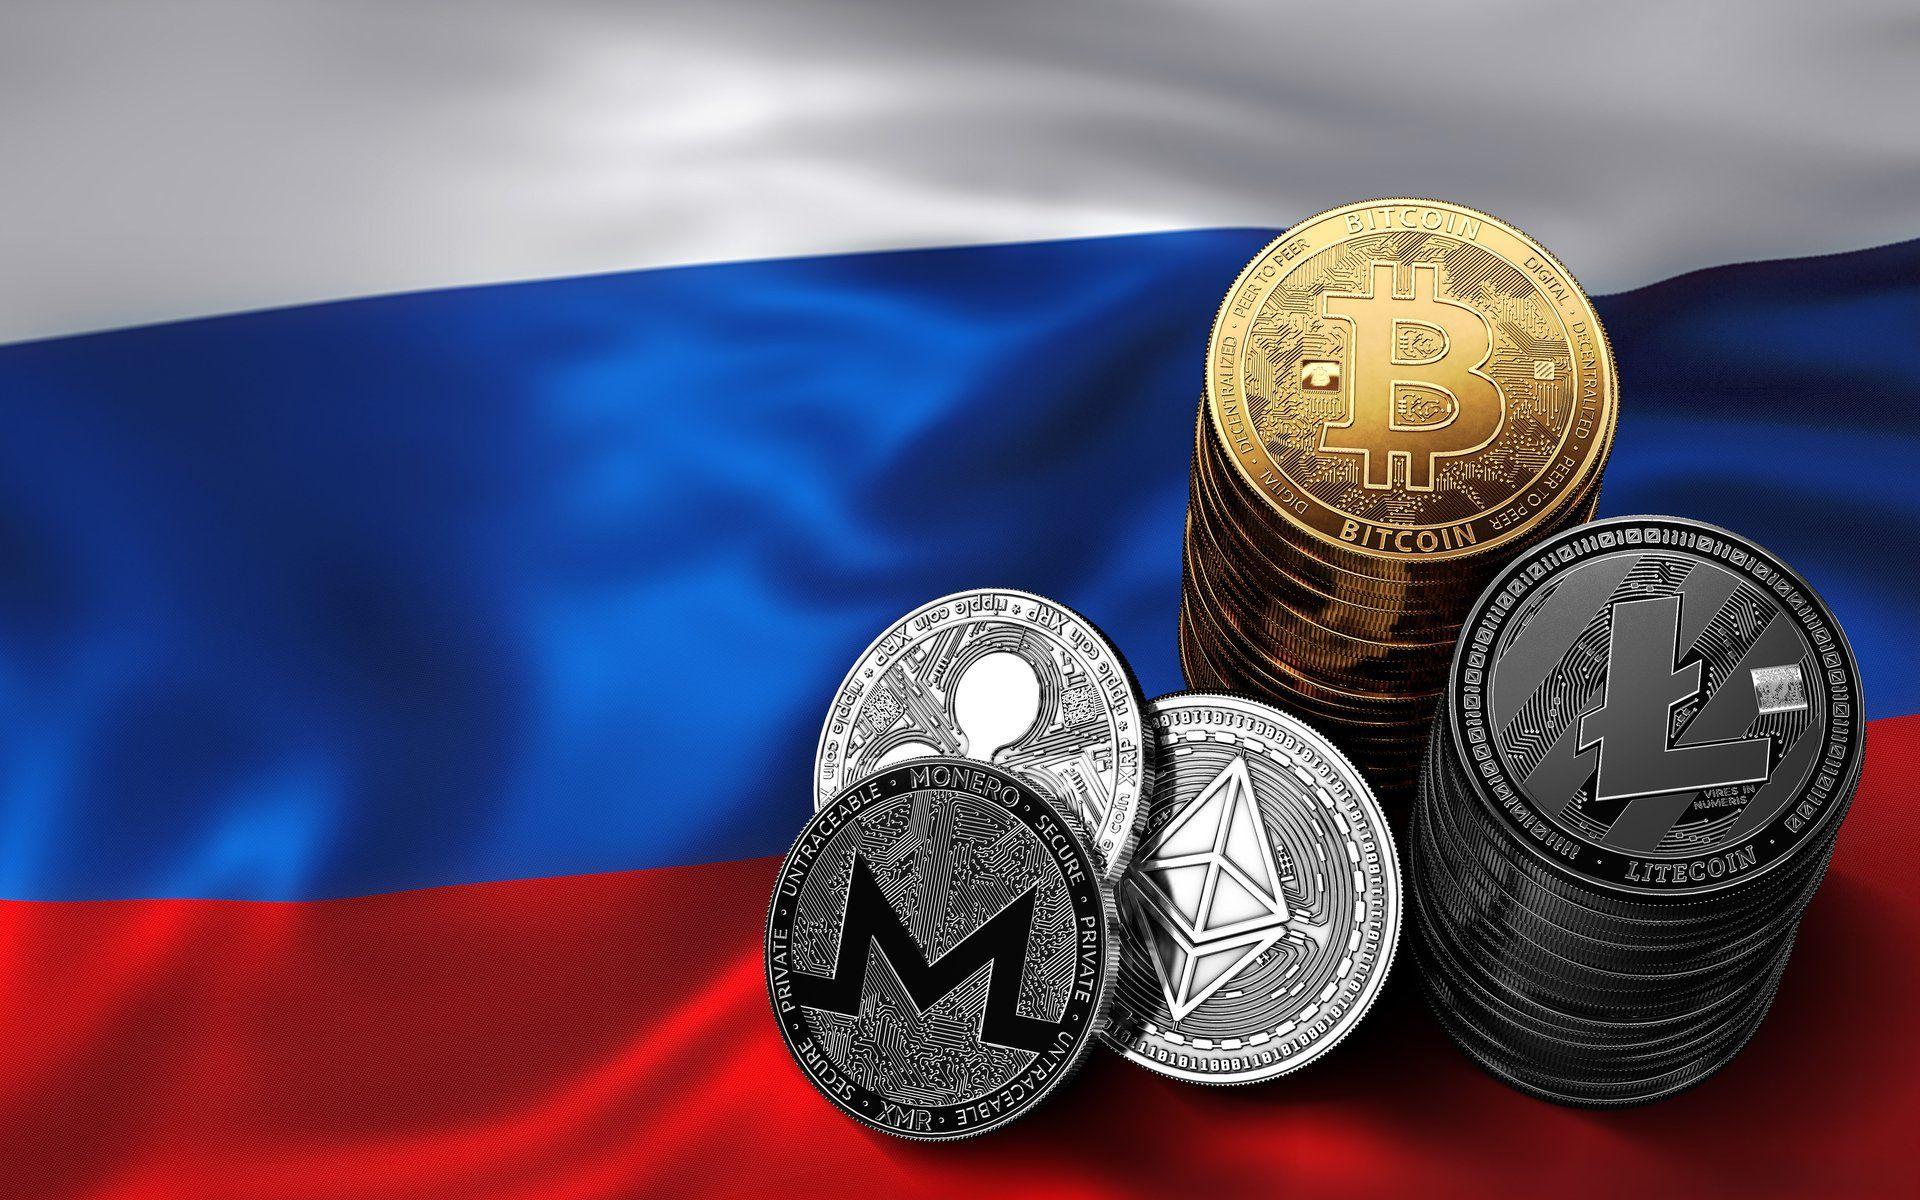 Изображение ЦБ России считает криптовалюты денежным суррогатом